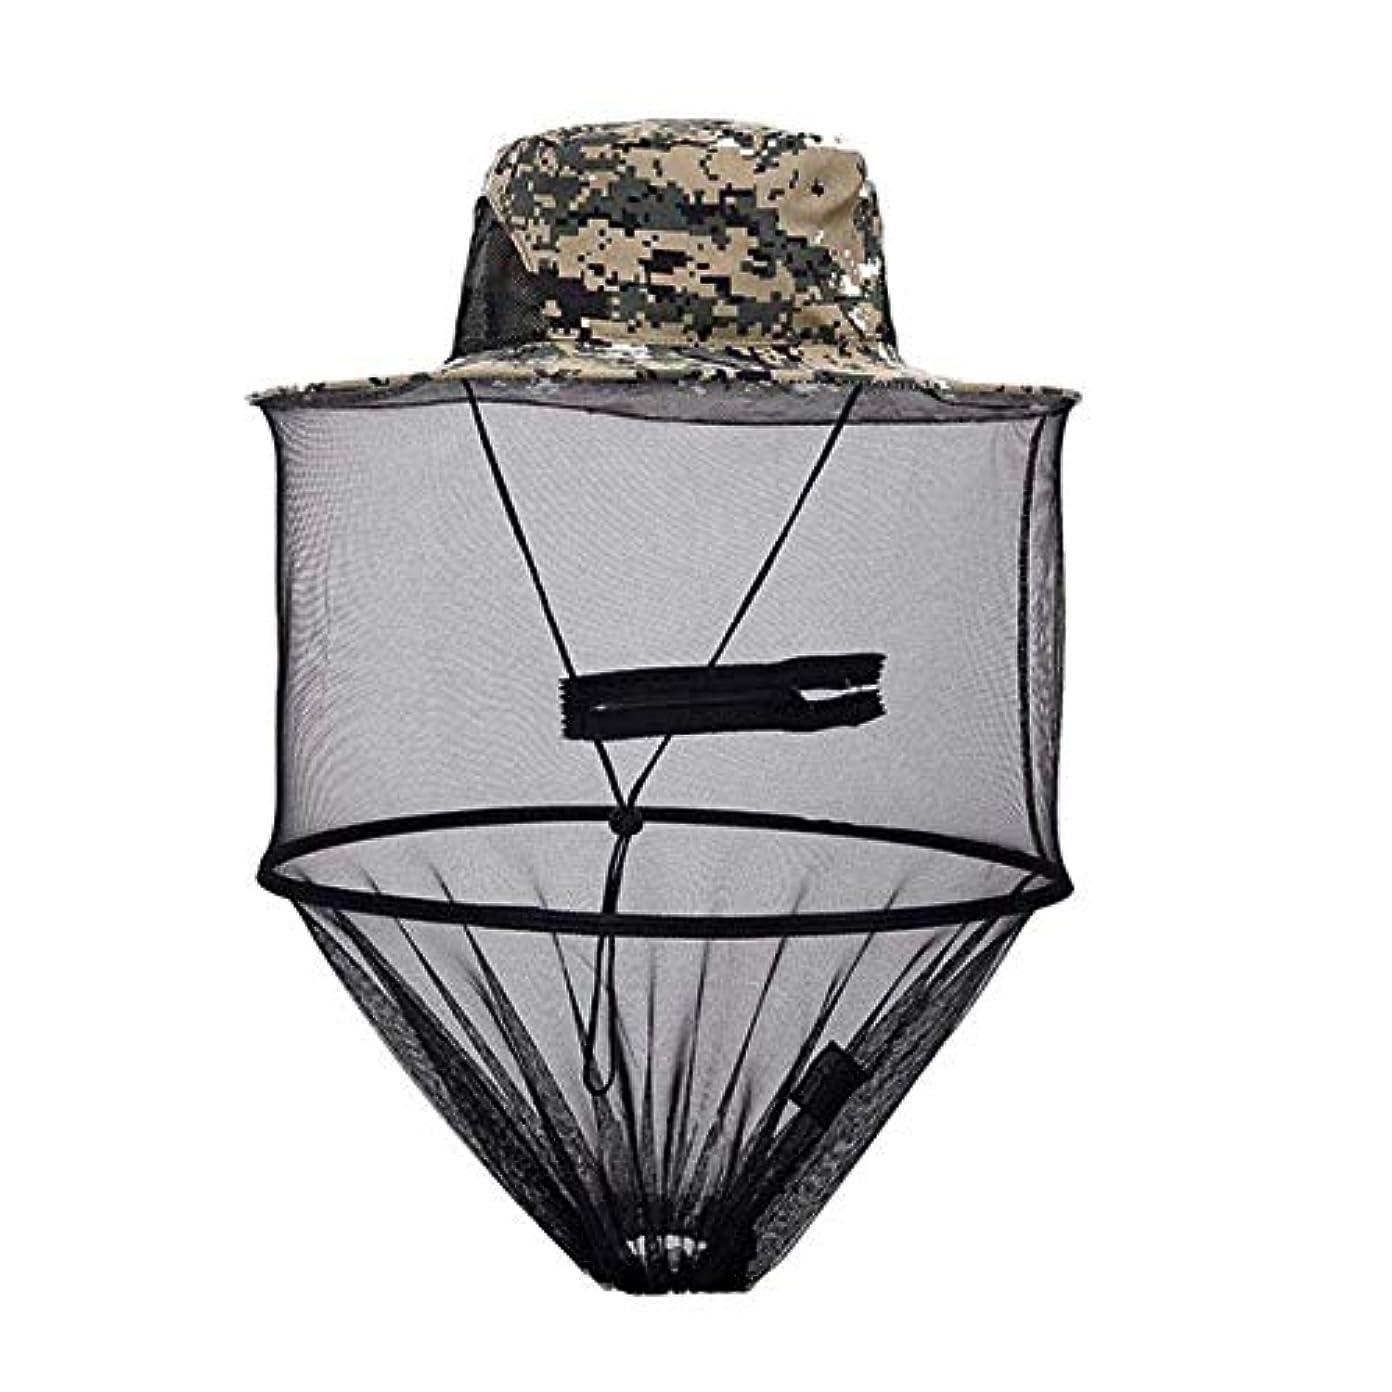 共産主義者明らかにするピックSaikogoods アウトドアキャンプハイキング狩猟のためにネットメッシュ?ヘッドフェイスプロテクター 釣りの帽子蚊キャップ ミッジフライバグ昆虫蜂ハット デジタル迷彩